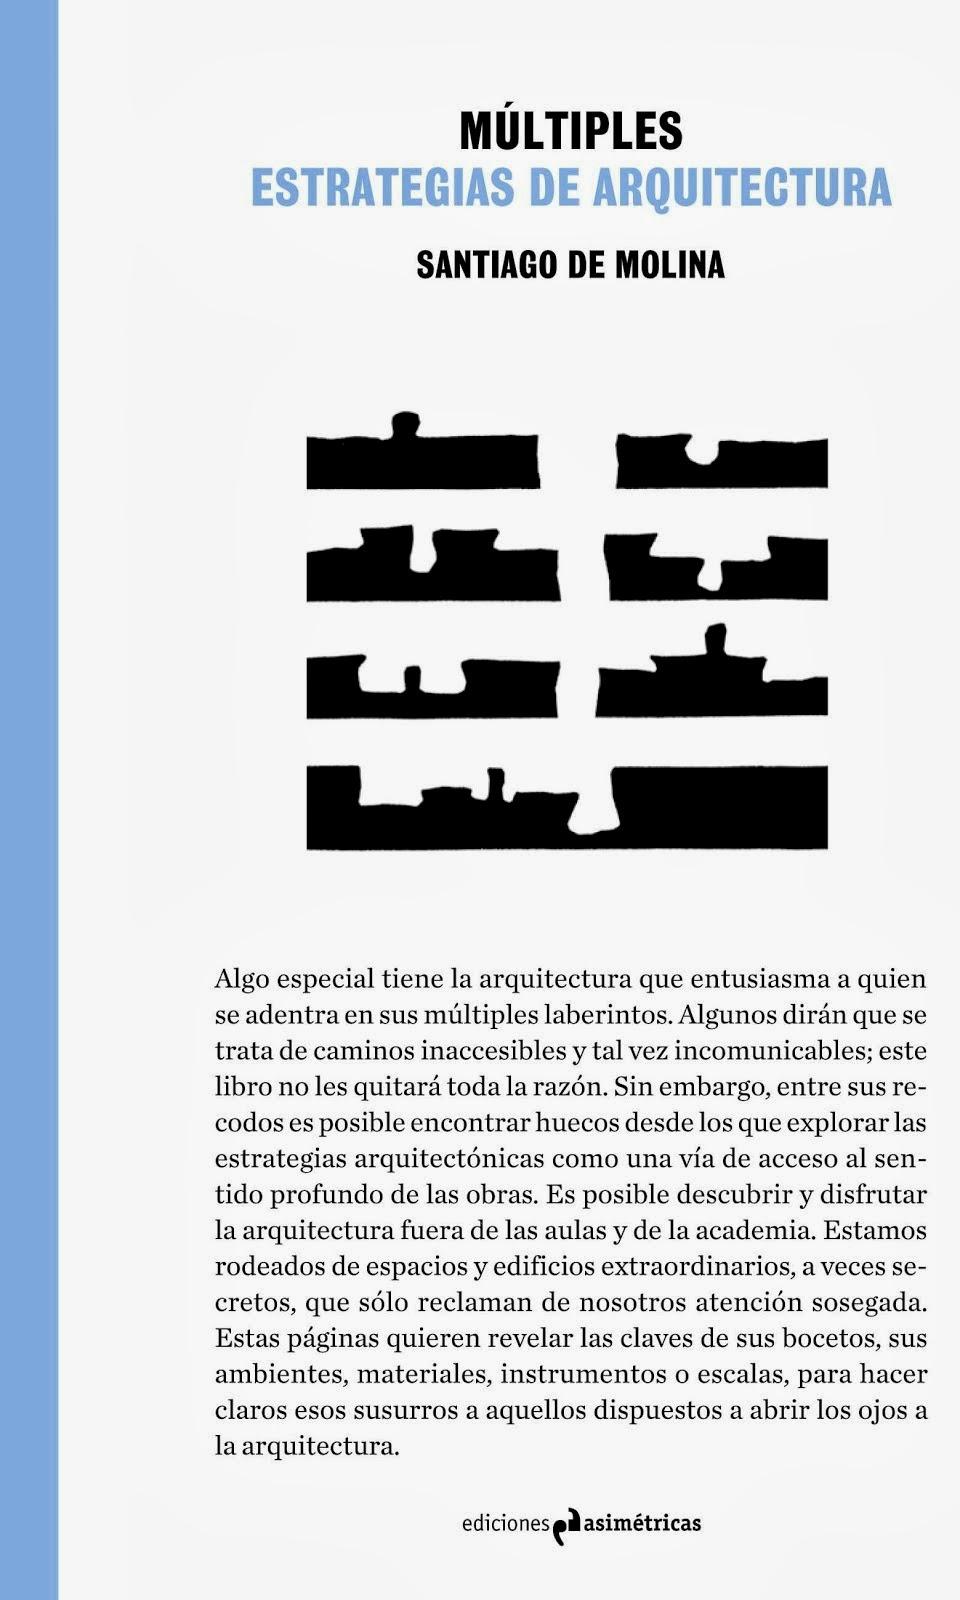 """PROXIMAMENTE EL LIBRO """"MULTIPLES. ESTRATEGIAS DE ARQUITECTURA"""""""